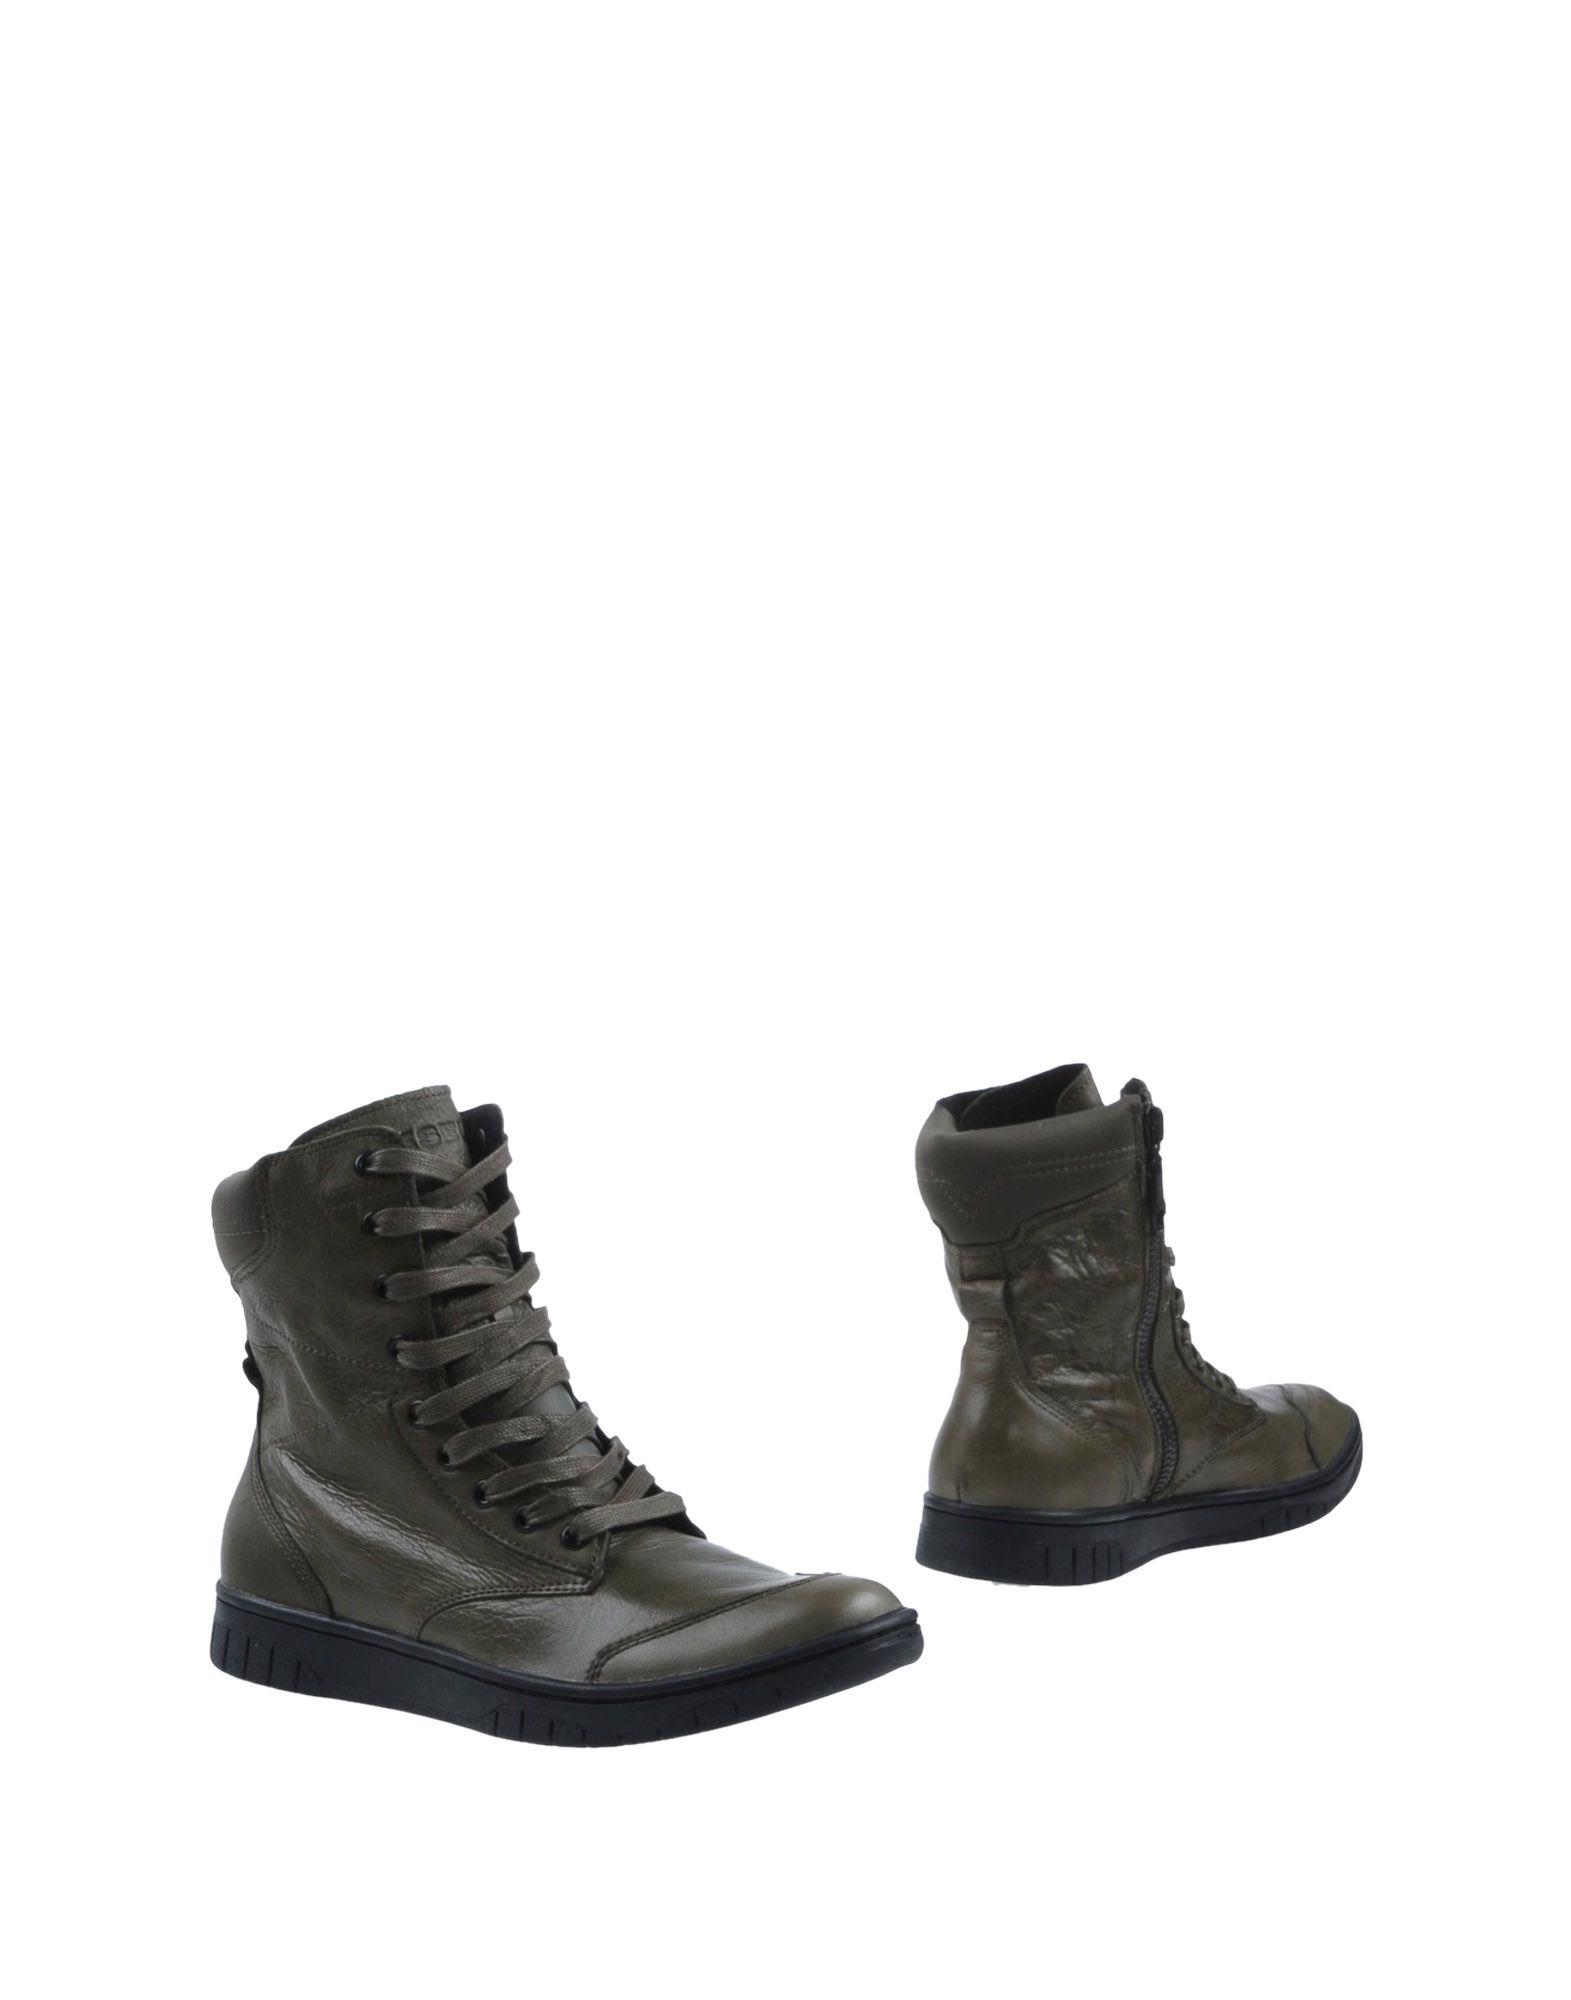 Diesel Stiefelette 11308682RL Herren  11308682RL Stiefelette Heiße Schuhe d40a57